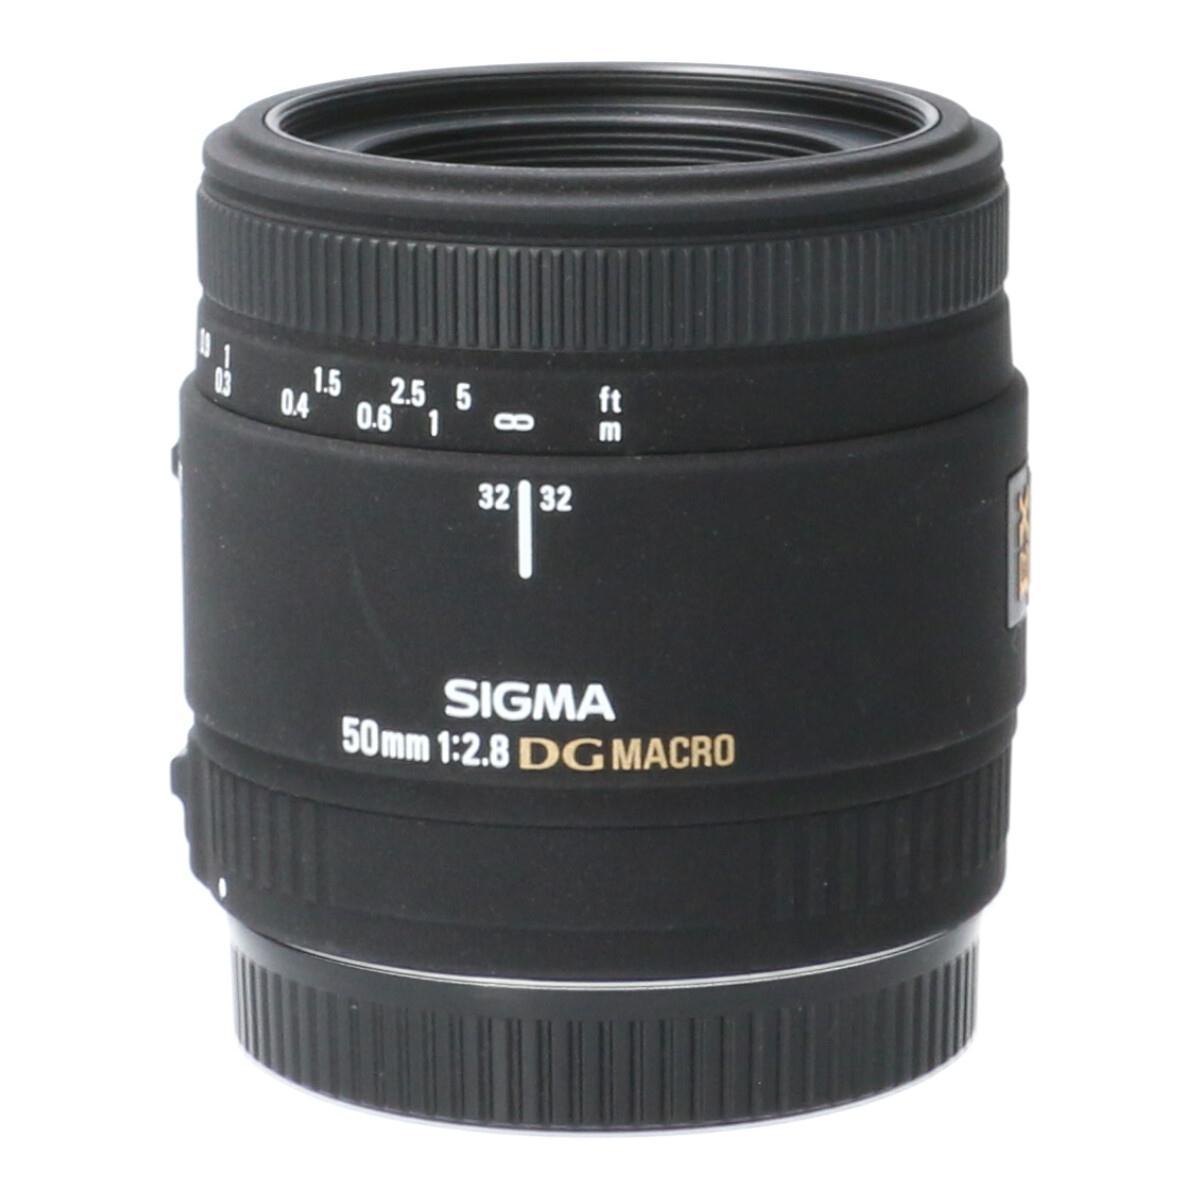 SIGMA EOS50mm F2.8EX DG MACRO【中古】